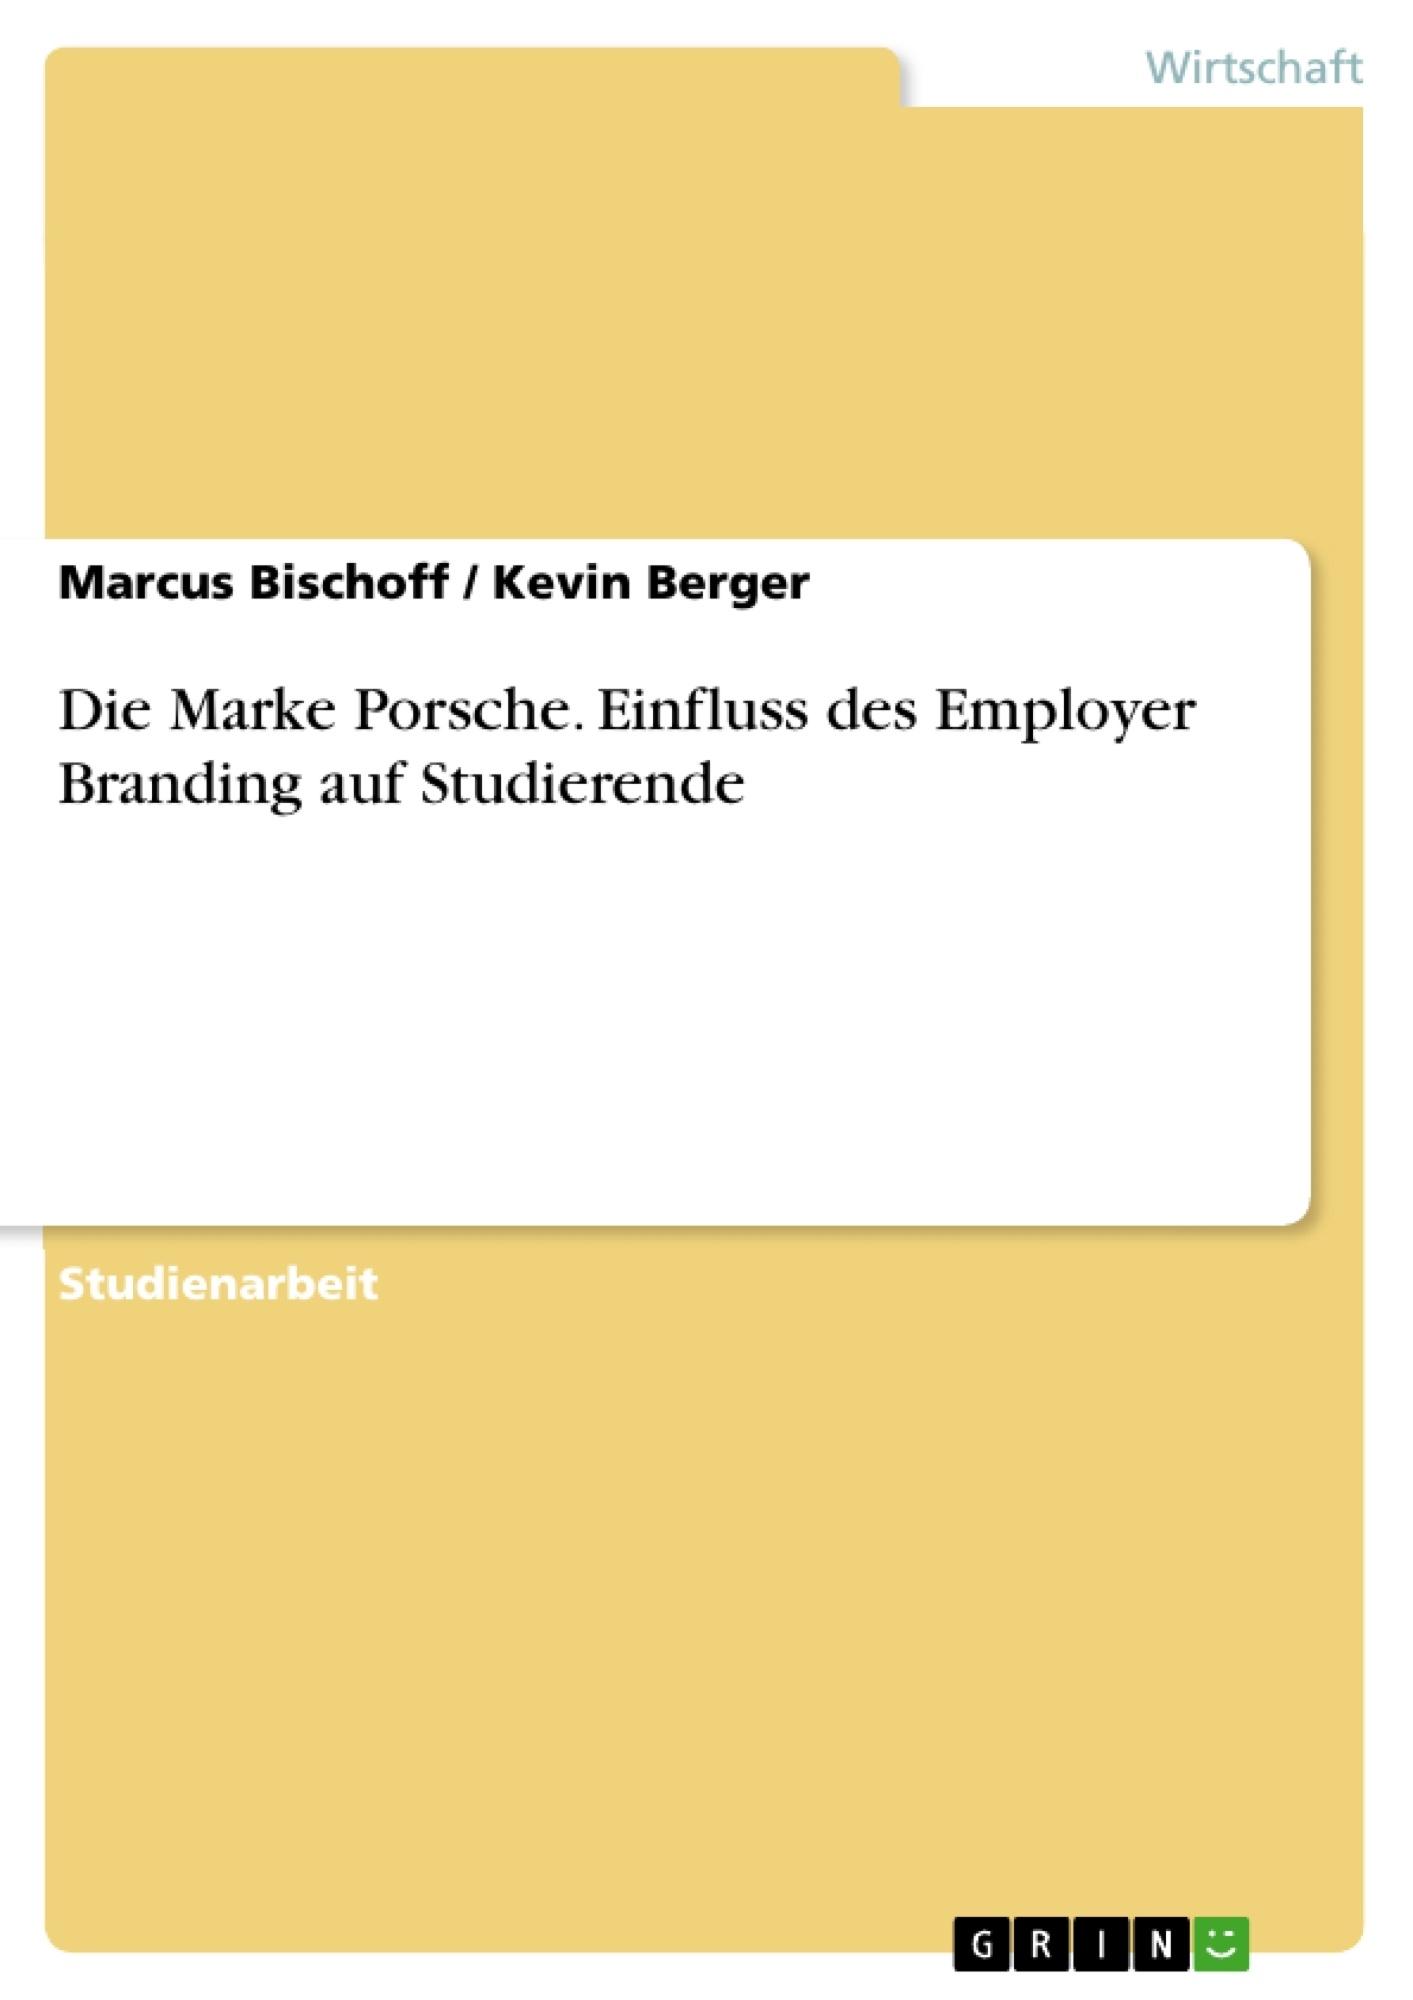 Titel: Die Marke Porsche. Einfluss des Employer Branding auf Studierende